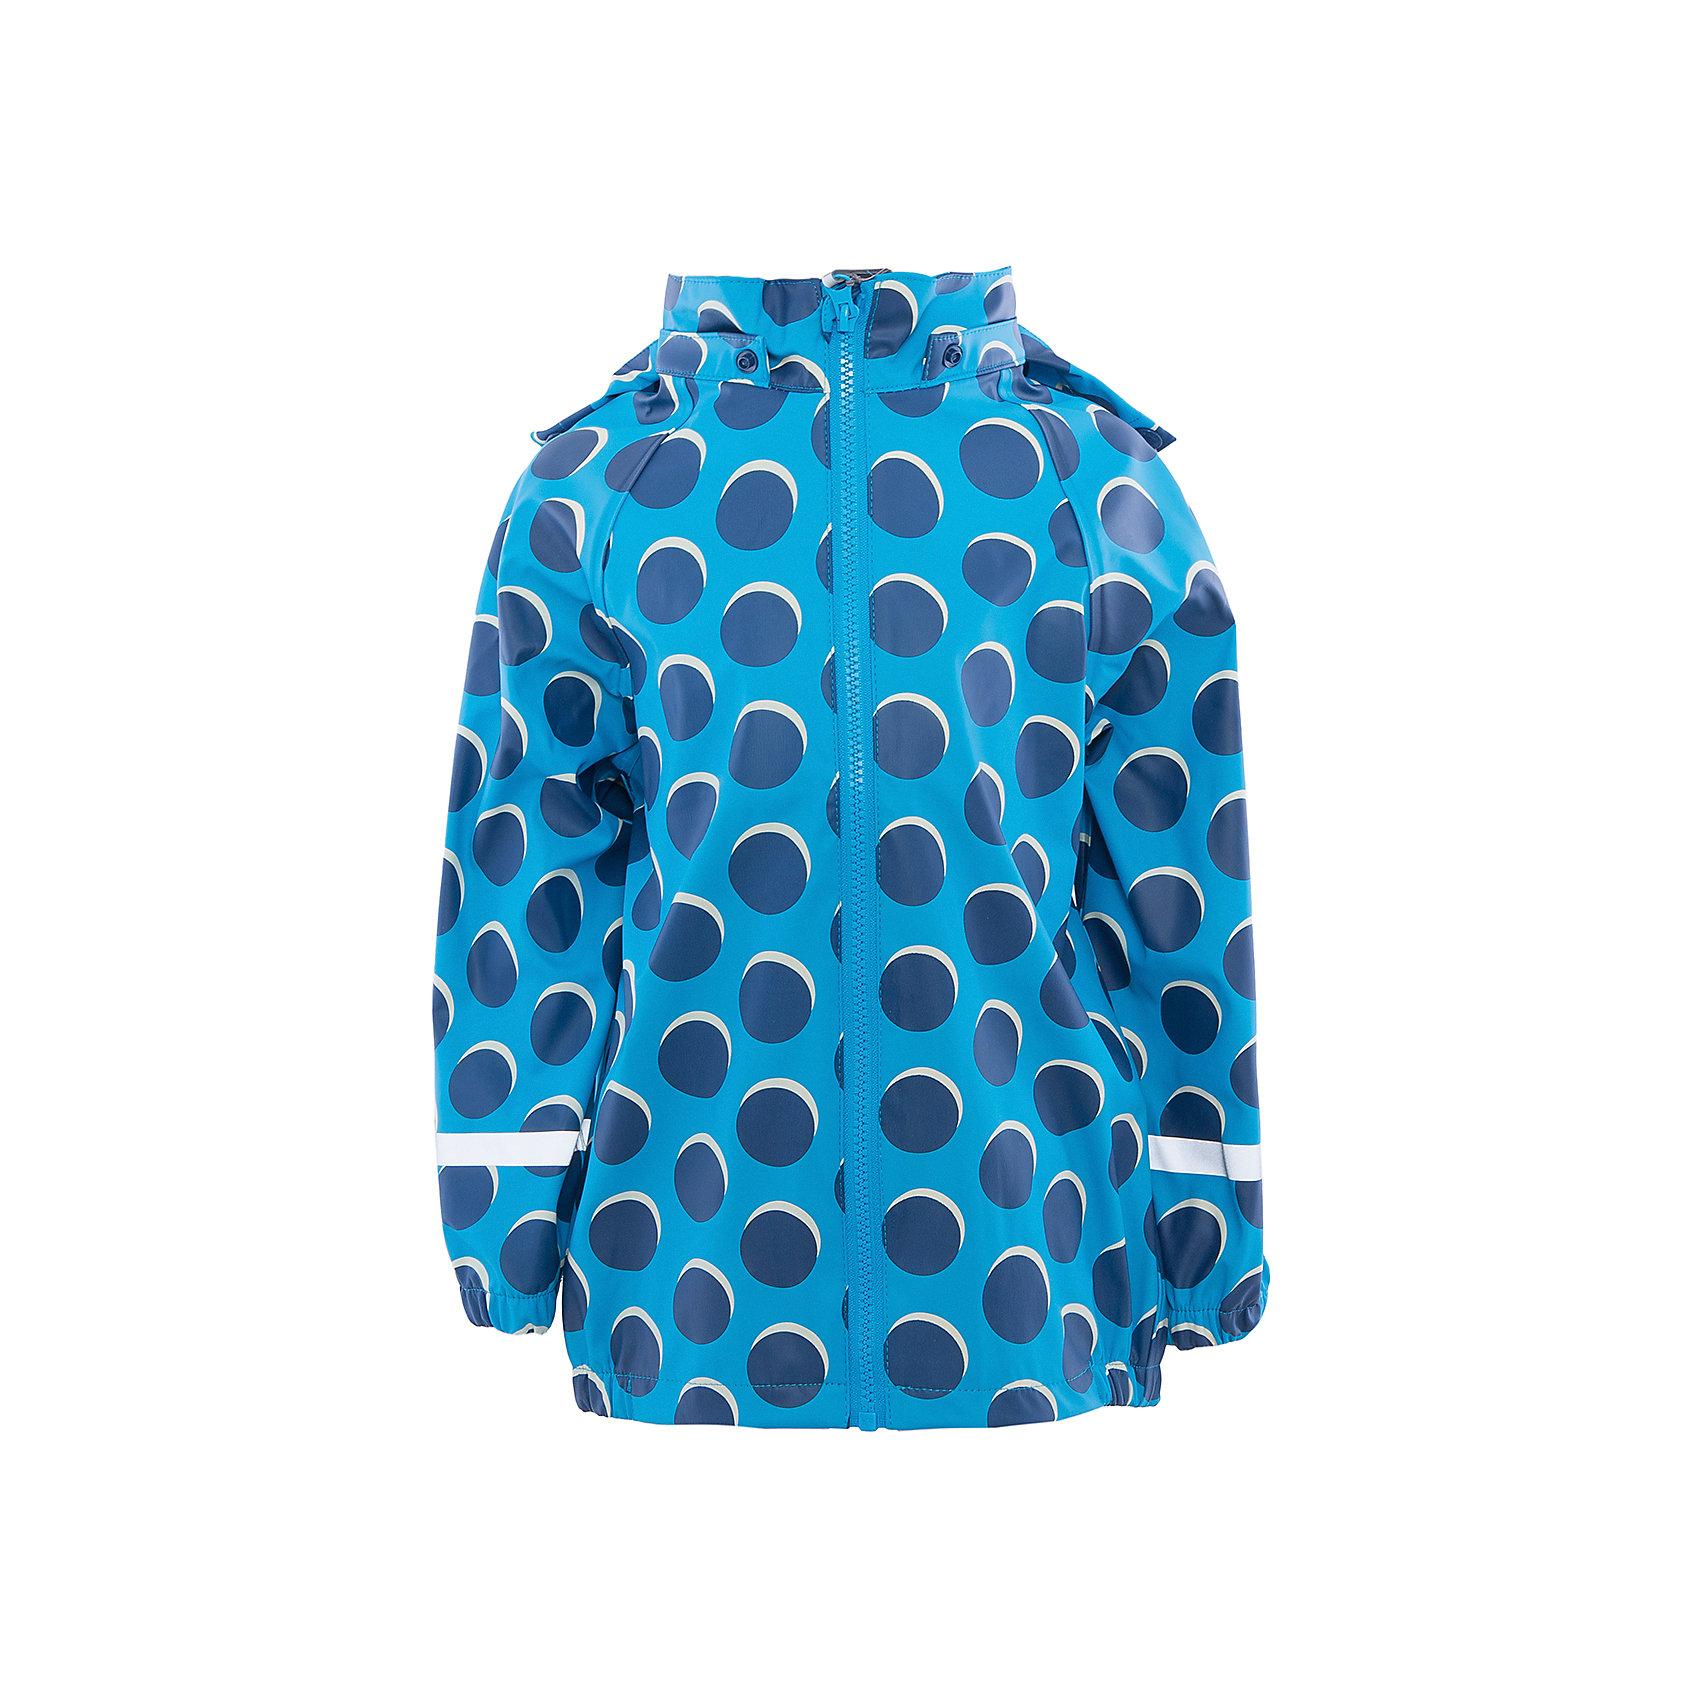 Куртка непромокаемая для девочки Color KidsВерхняя одежда<br>Характеристики товара:<br><br>• цвет: голубой<br>• состав: 50 % полиэстер, 50% полиуретан<br>• без утеплителя<br>• эластичные манжеты<br>• водоотталкивающая <br>• ветрозащитная <br>• светоотражающие детали<br>• застежка: молния<br>• капюшон отстегивается<br>• защита подбородка<br>• температурный режим: +10 до +20<br>• страна производства: Китай<br>• страна бренда: Дания<br><br>Эта симпатичная и удобная куртка сделана из непромокаемого легкого материала, поэтому отлично подойдет для дождливой погоды в весенне-летний сезон. <br><br>Она комфортно сидит и обеспечивает ребенку необходимое удобство. Очень стильно смотрится. Отличный вариант качественной одежды от проверенного производителя!<br><br>Куртку для девочки от датского бренда Color Kids (Колор кидз) можно купить в нашем интернет-магазине.<br><br>Ширина мм: 356<br>Глубина мм: 10<br>Высота мм: 245<br>Вес г: 519<br>Цвет: голубой<br>Возраст от месяцев: 24<br>Возраст до месяцев: 36<br>Пол: Женский<br>Возраст: Детский<br>Размер: 98,104,110,116,122,128<br>SKU: 5557318